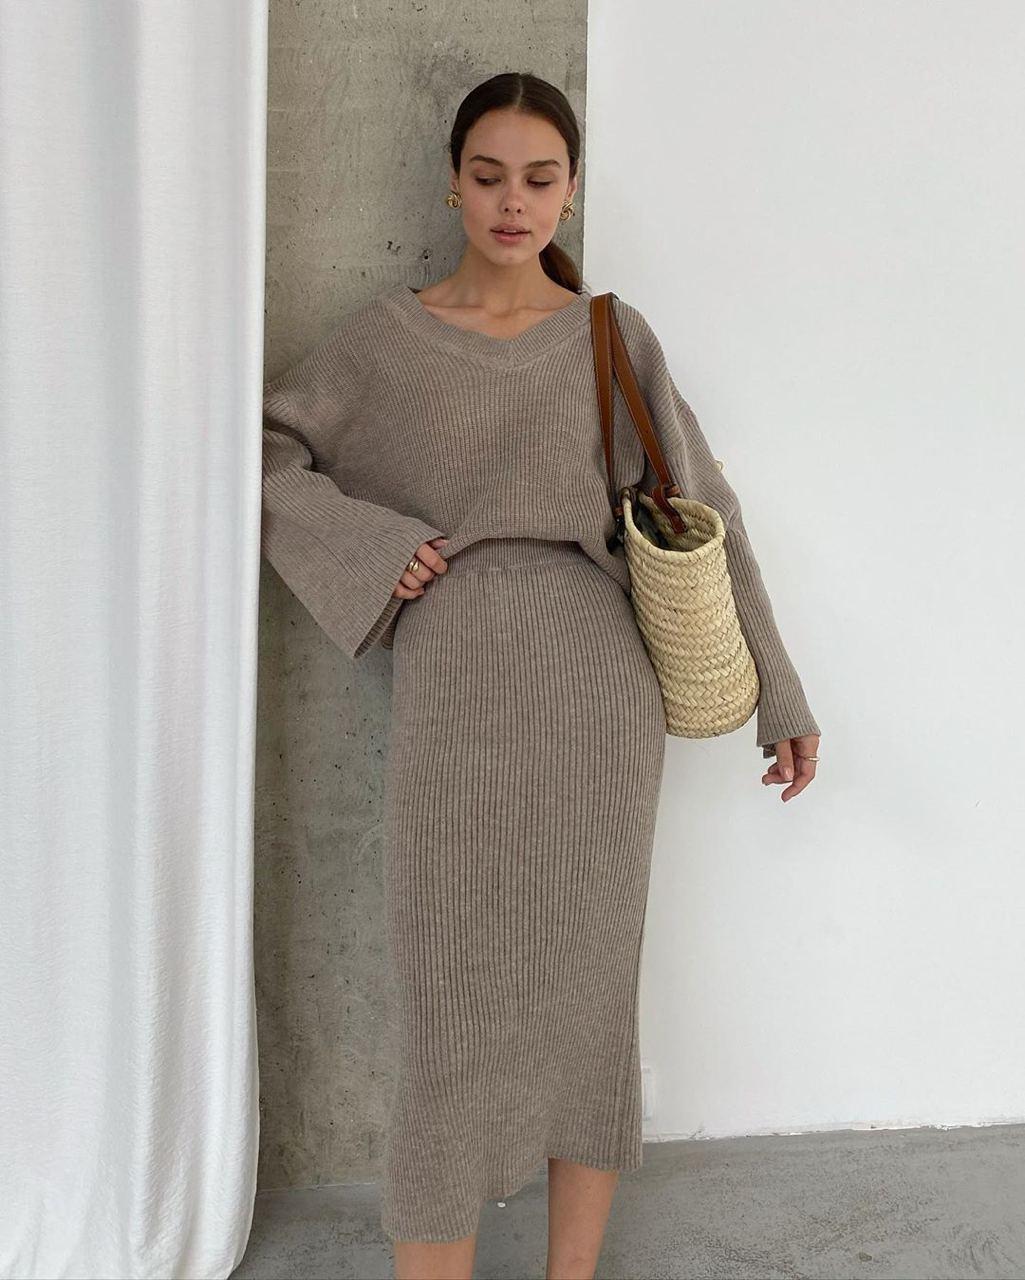 Вязаный юбочный костюм - двойка свободный свитера и юбка ниже колен (р. 42-46) 41kos1444